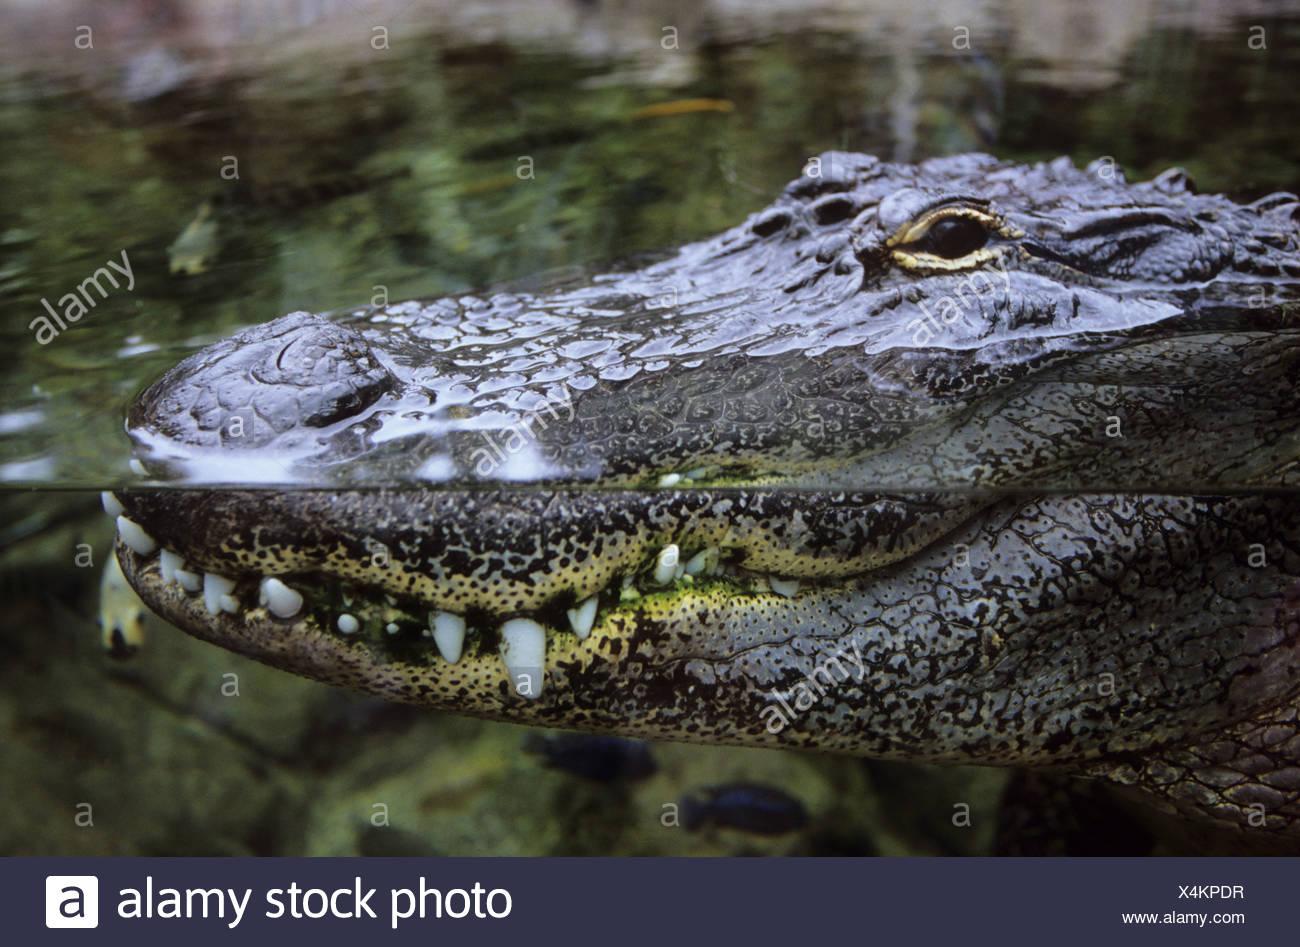 Ungewöhnlich Alligator Malvorlagen Fotos - Malvorlagen Ideen ...